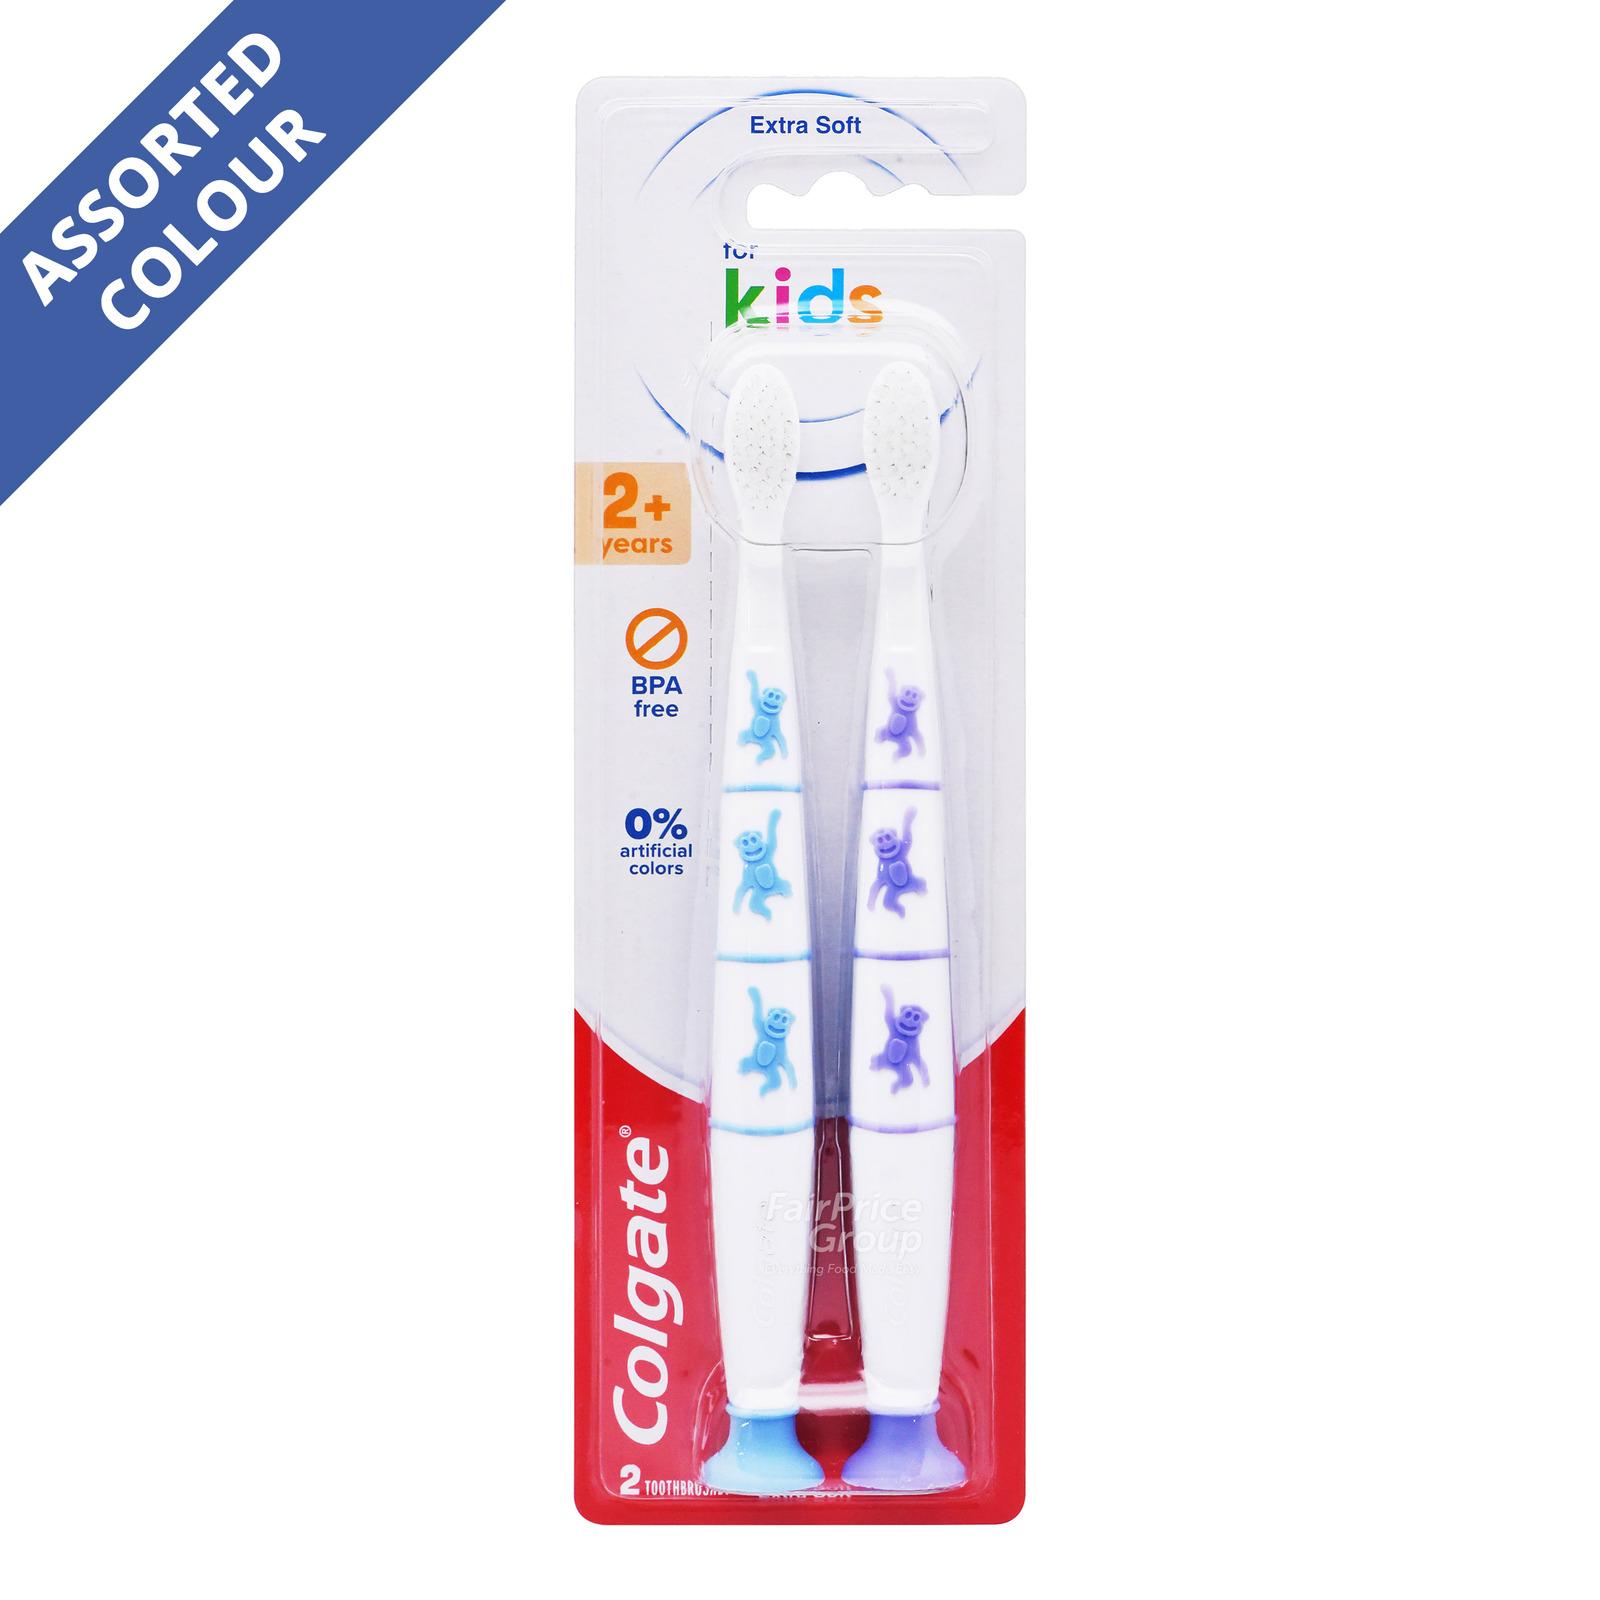 Colgate Kids Zero Toothbrush 2+ Years Valuepack - Extra Soft